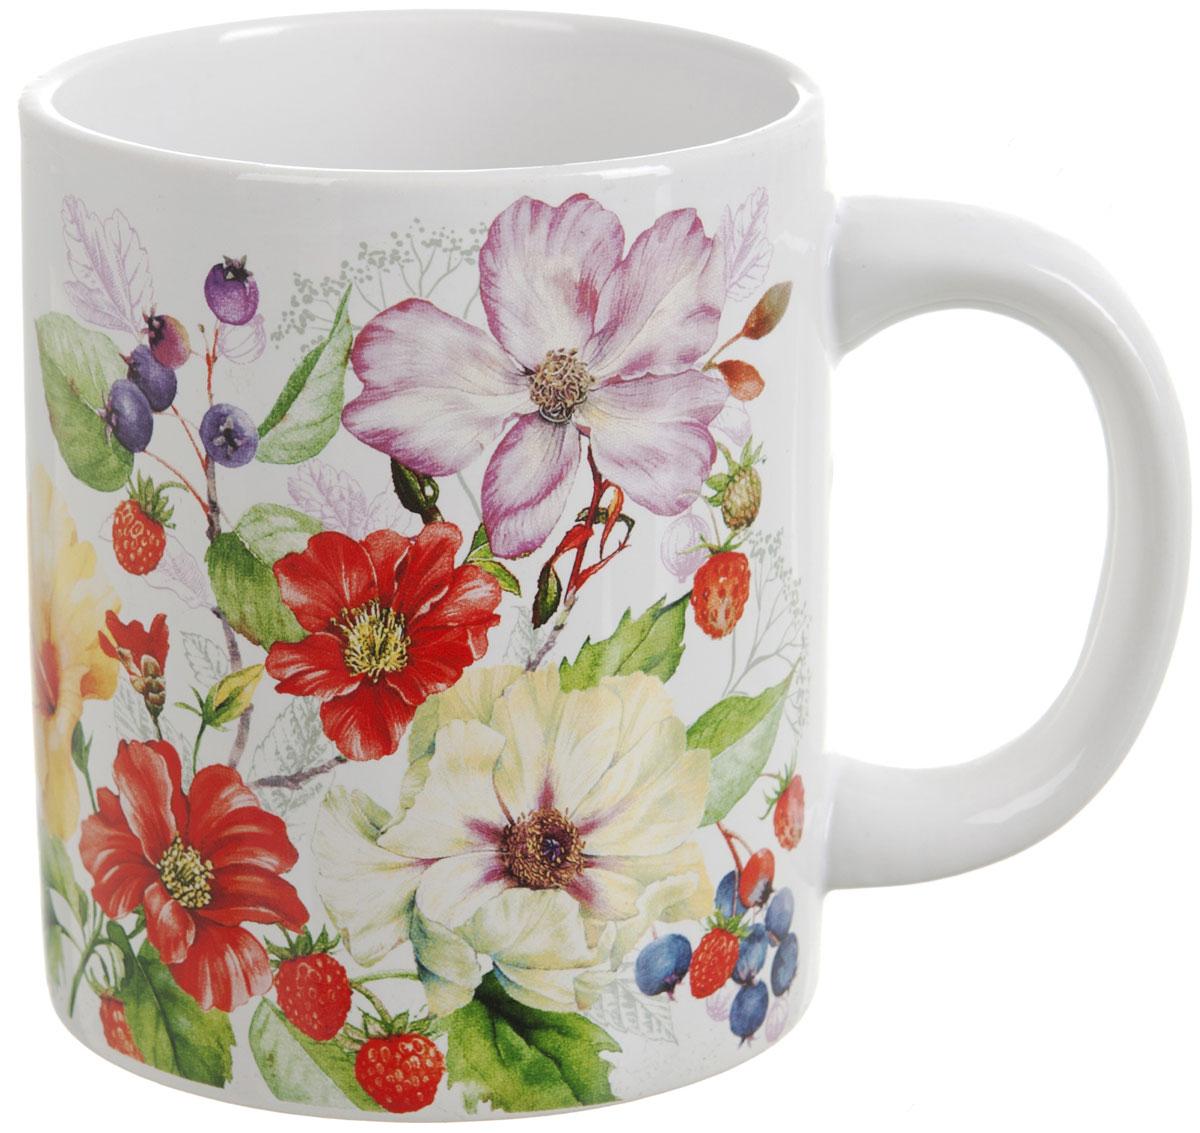 """Кружка """"Summer"""", выполненная из высококачественной керамики, украшена цветочным рисунком. Изделие оснащено удобной ручкой. Кружка сочетает в себе оригинальный дизайн и функциональность. Благодаря такой кружке пить напитки будет еще вкуснее."""